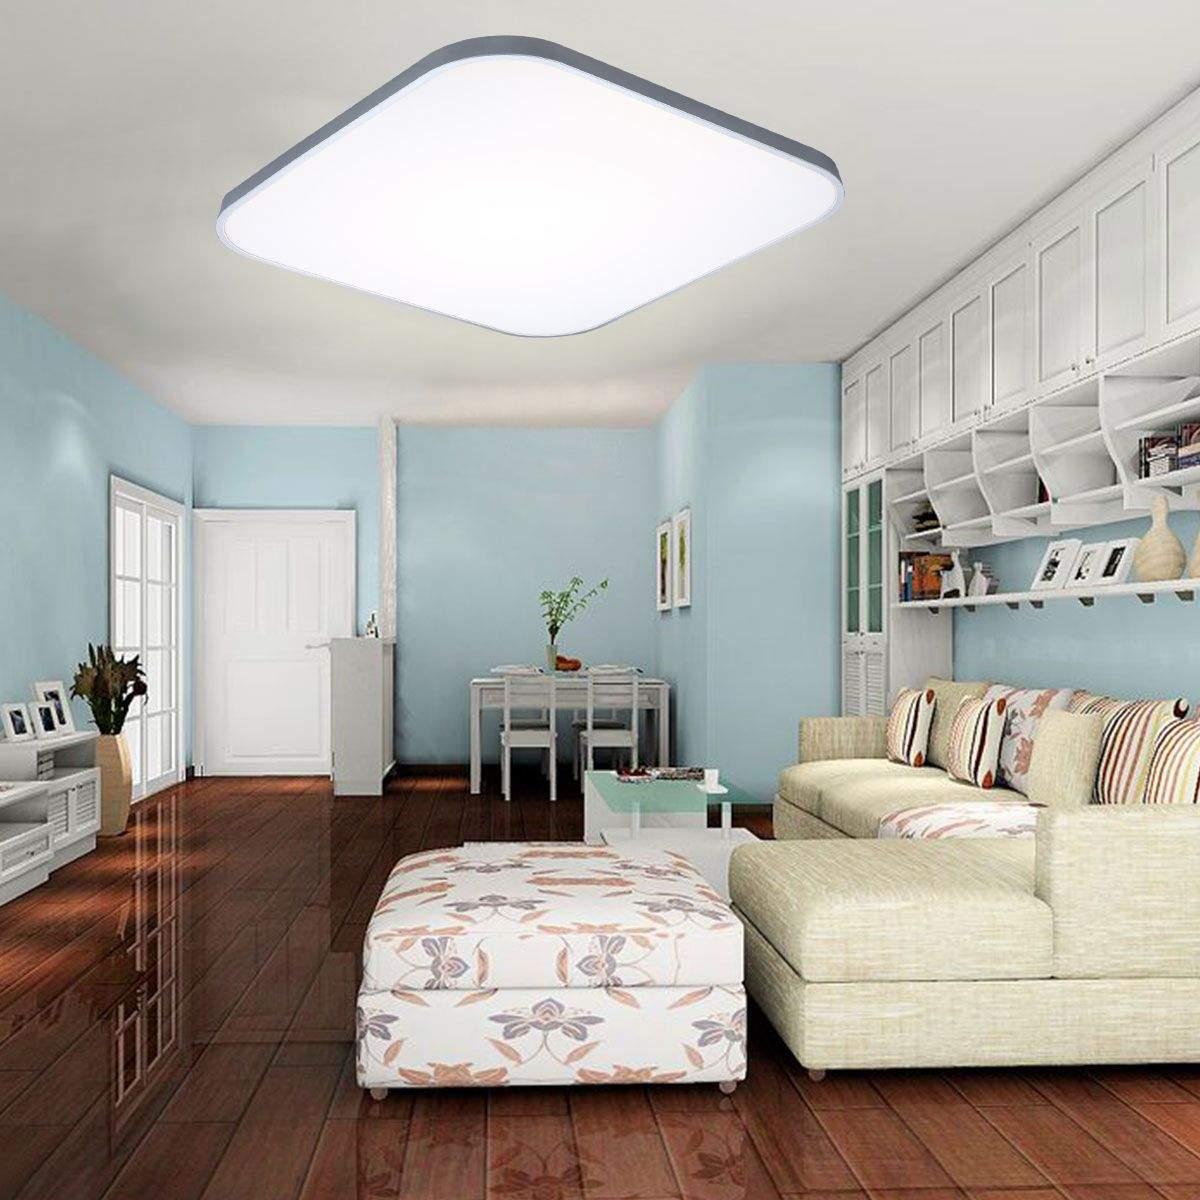 Full Size of Lampen Wohnzimmer Decke Das Beste Von Indirekte Beleuchtung Deckenleuchte Schlafzimmer Wohnwand Lampe Badezimmer Deckenlampe Bilder Fürs Led Teppich Xxl Wohnzimmer Wohnzimmer Decke